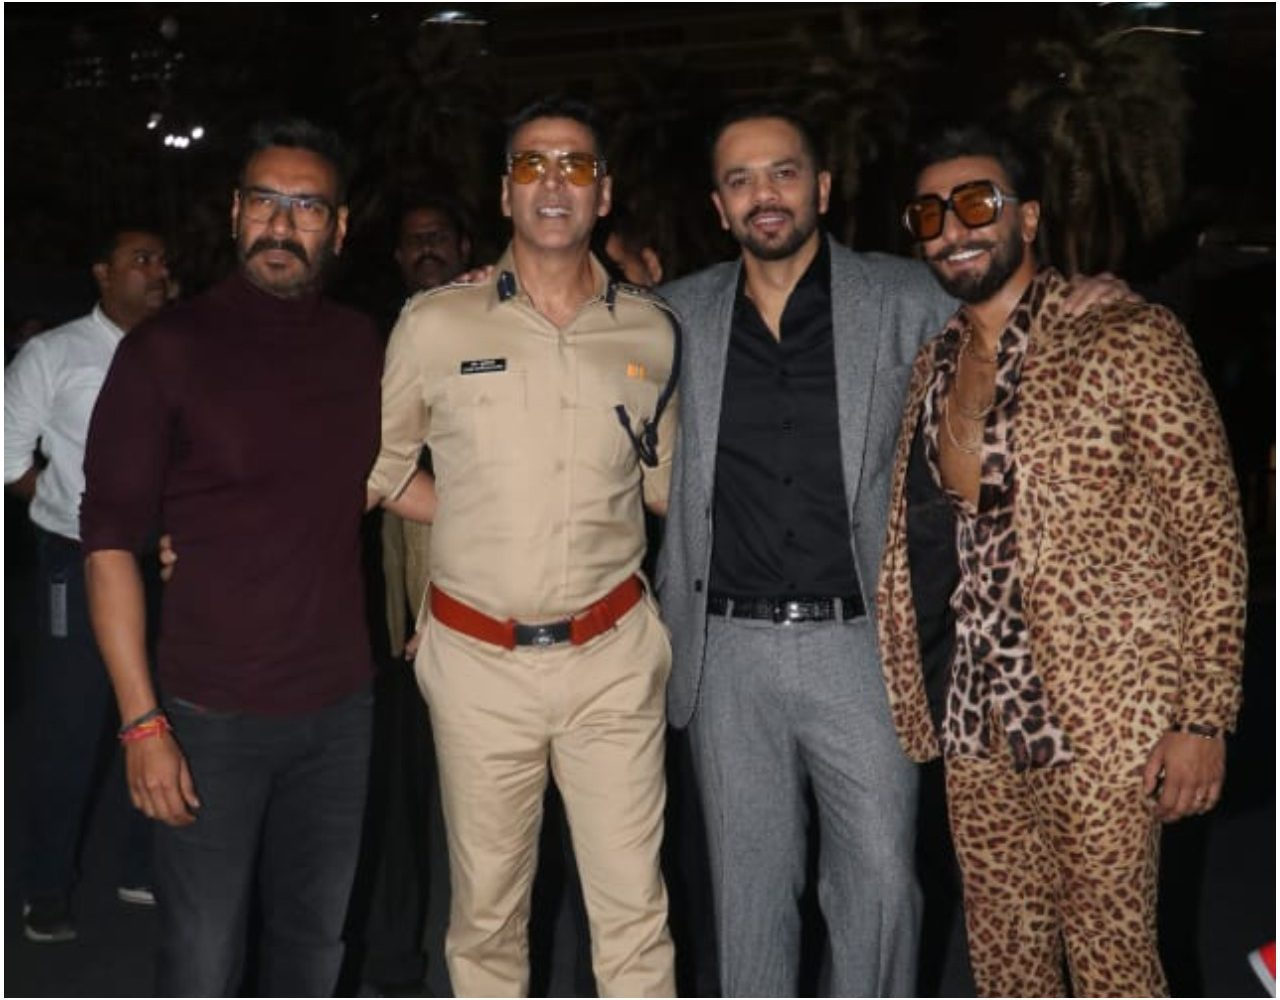 UMANG 2019:  मुंबई पुलिस के रंगारंग कार्यक्रम में रोहित शेट्टी की फ़िल्मी पुलिस ब्रिगेड  ने बांधा समा, सिम्बा के प्रोफ़िट से पुलिस वेलफ़ेयर फ़ंड में दिया 51 लाख रु का चेक